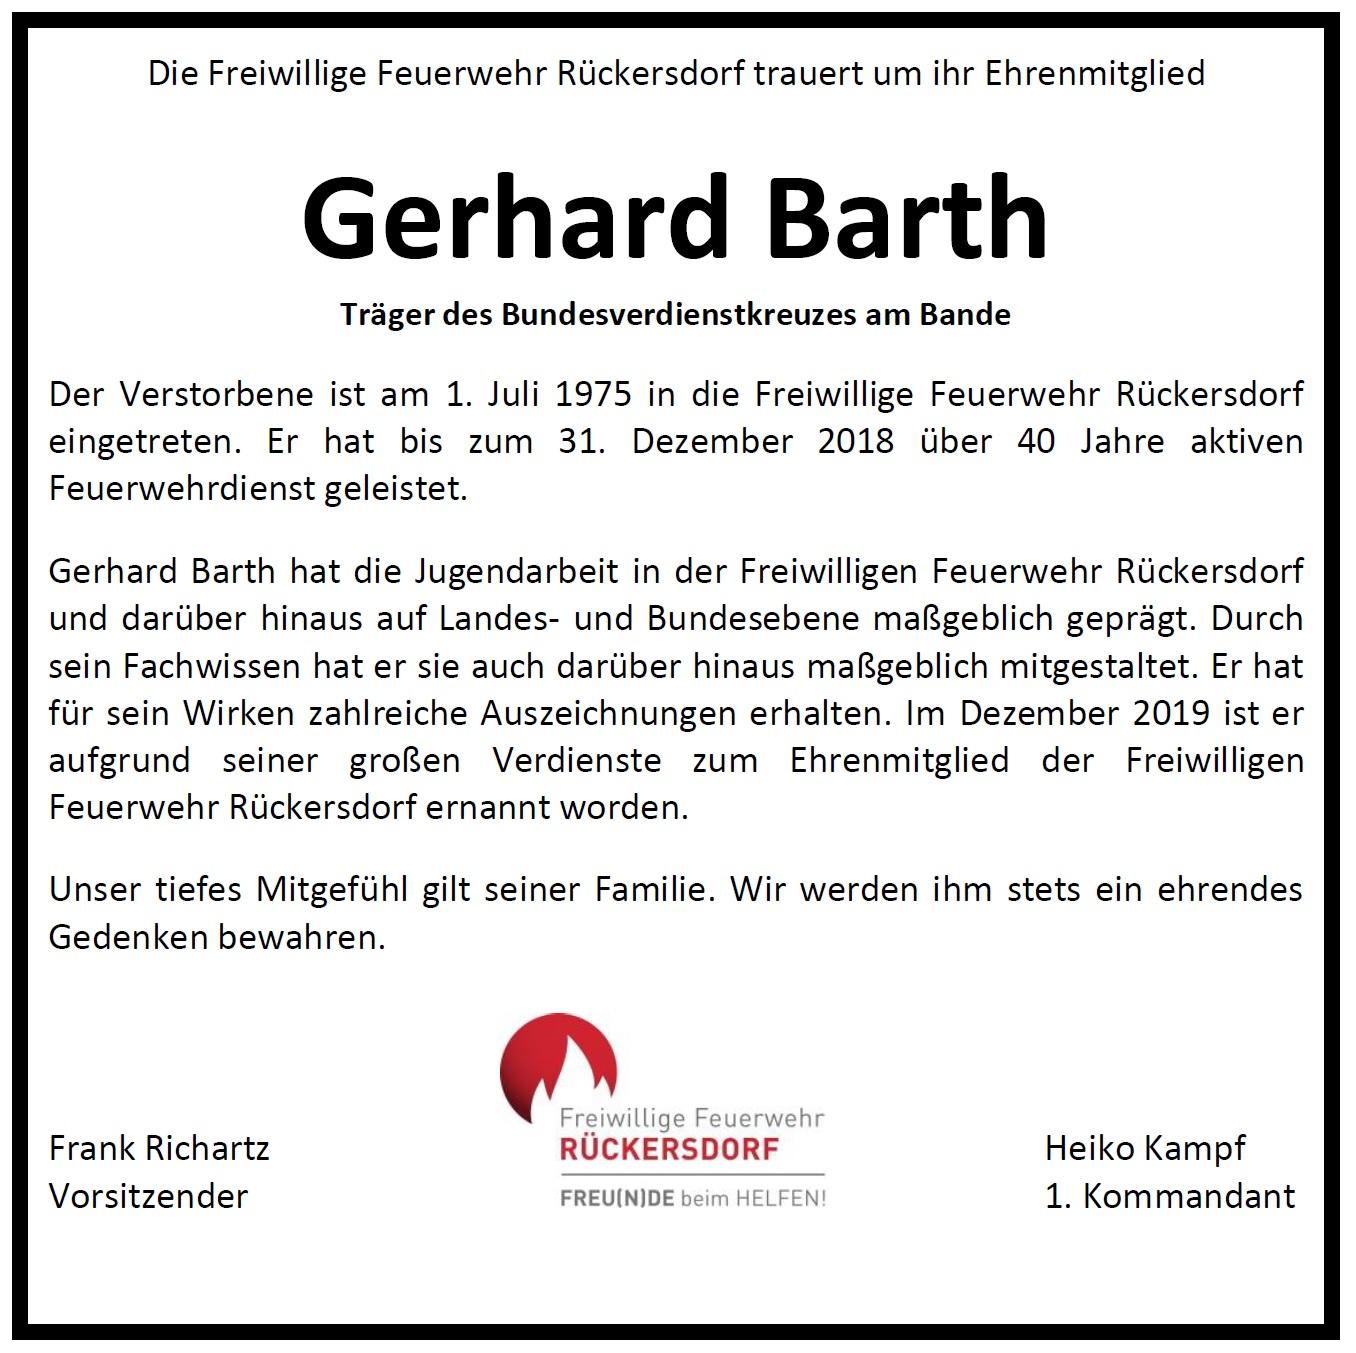 Traueranzeige_Barth